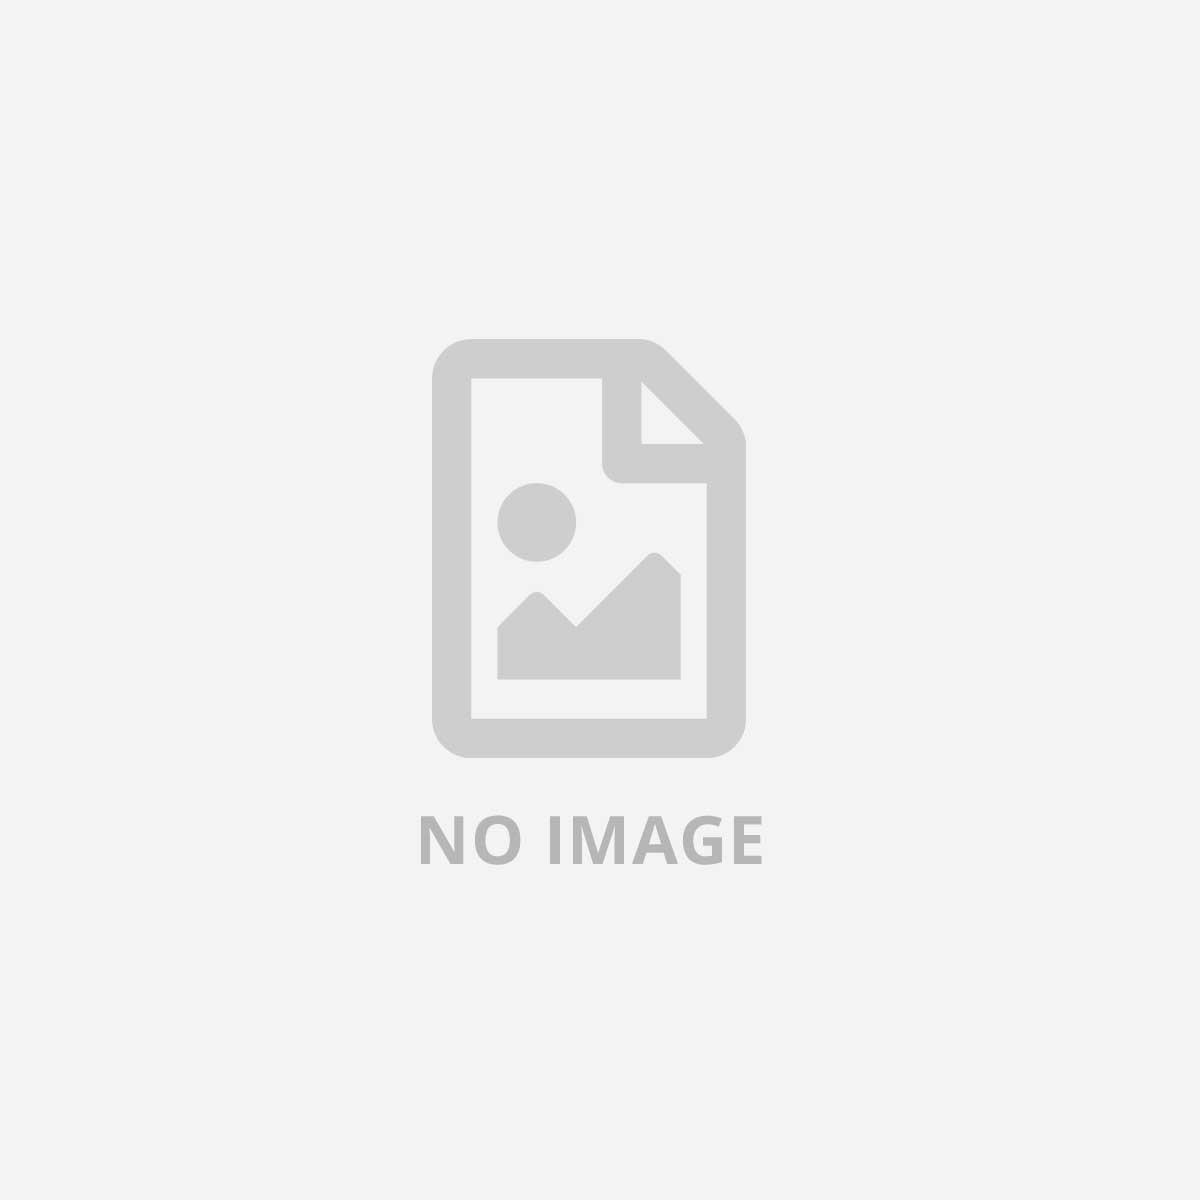 SCOTCH 550 TRASPARENTE  19MMX33M